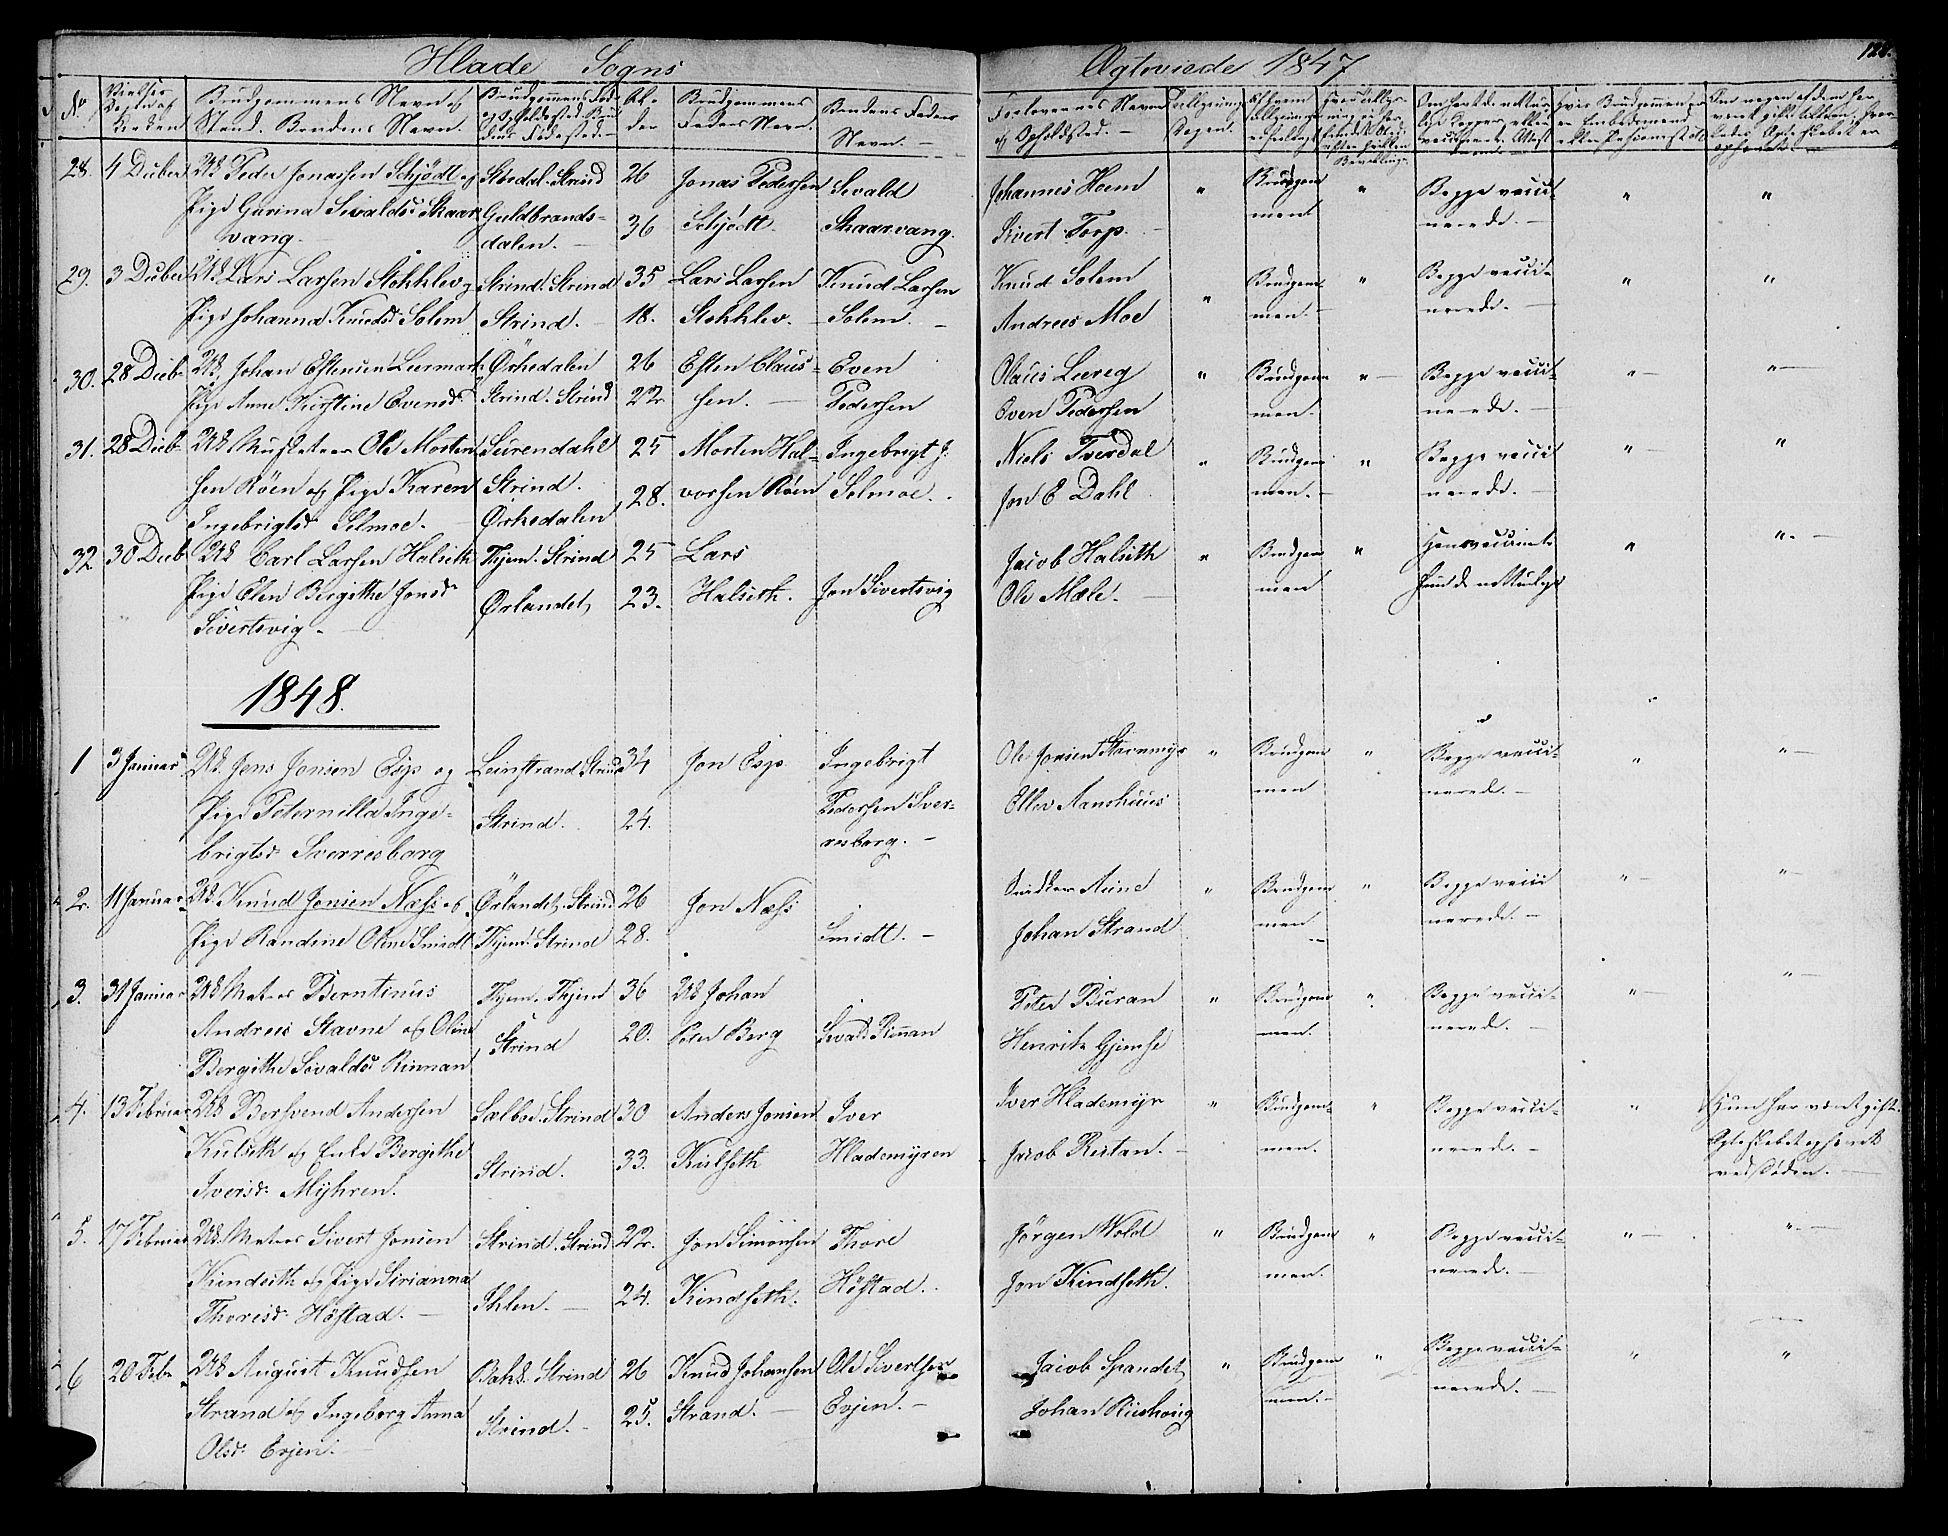 SAT, Ministerialprotokoller, klokkerbøker og fødselsregistre - Sør-Trøndelag, 606/L0309: Klokkerbok nr. 606C05, 1841-1849, s. 128